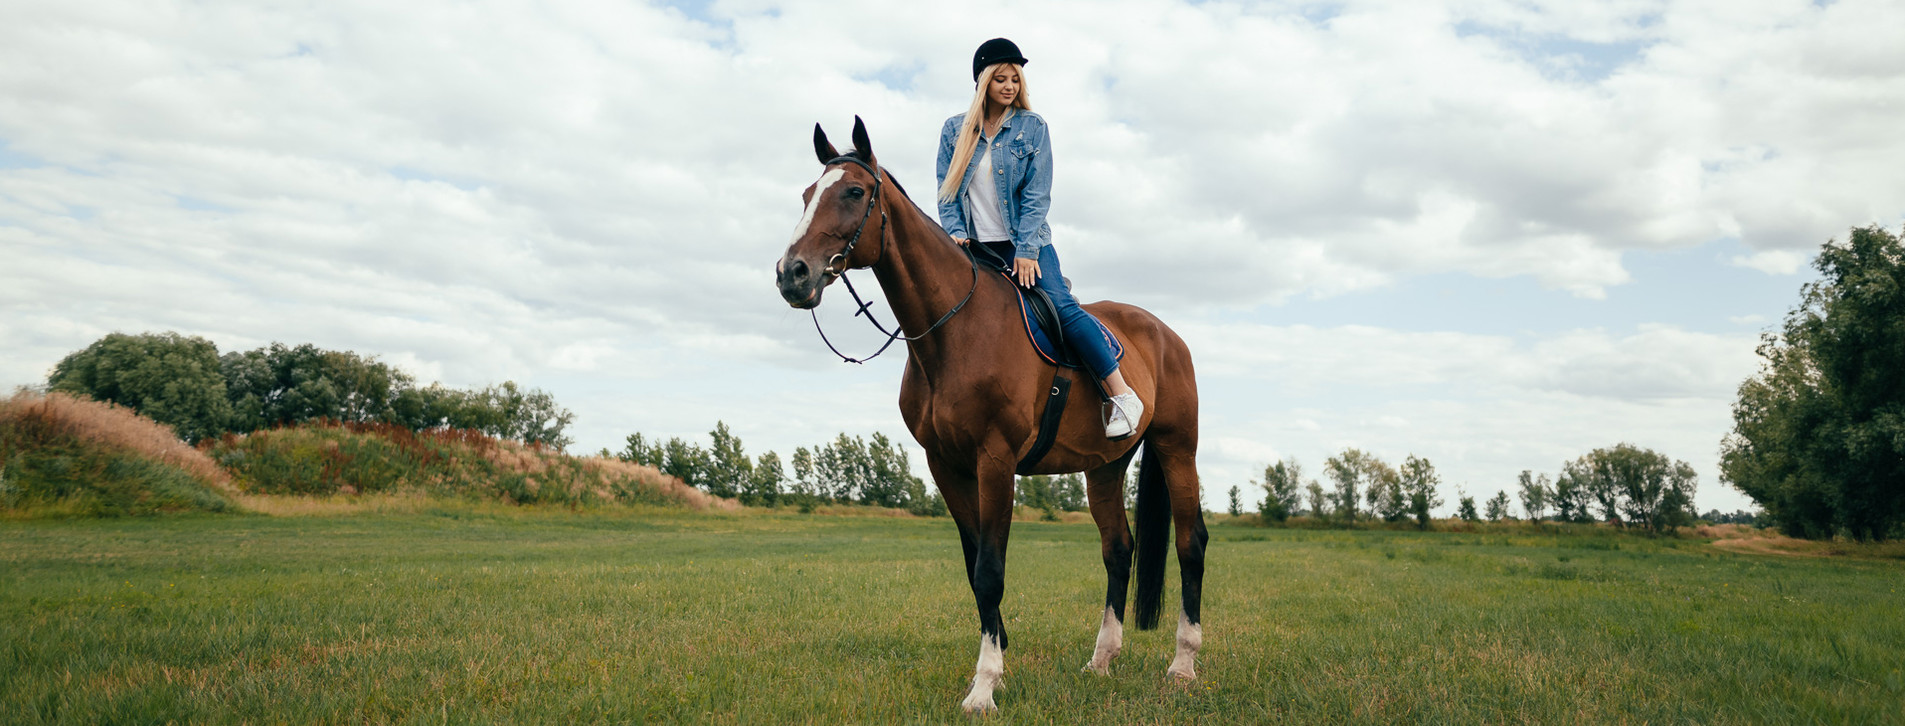 Фото 1 - Прогулянка на коні